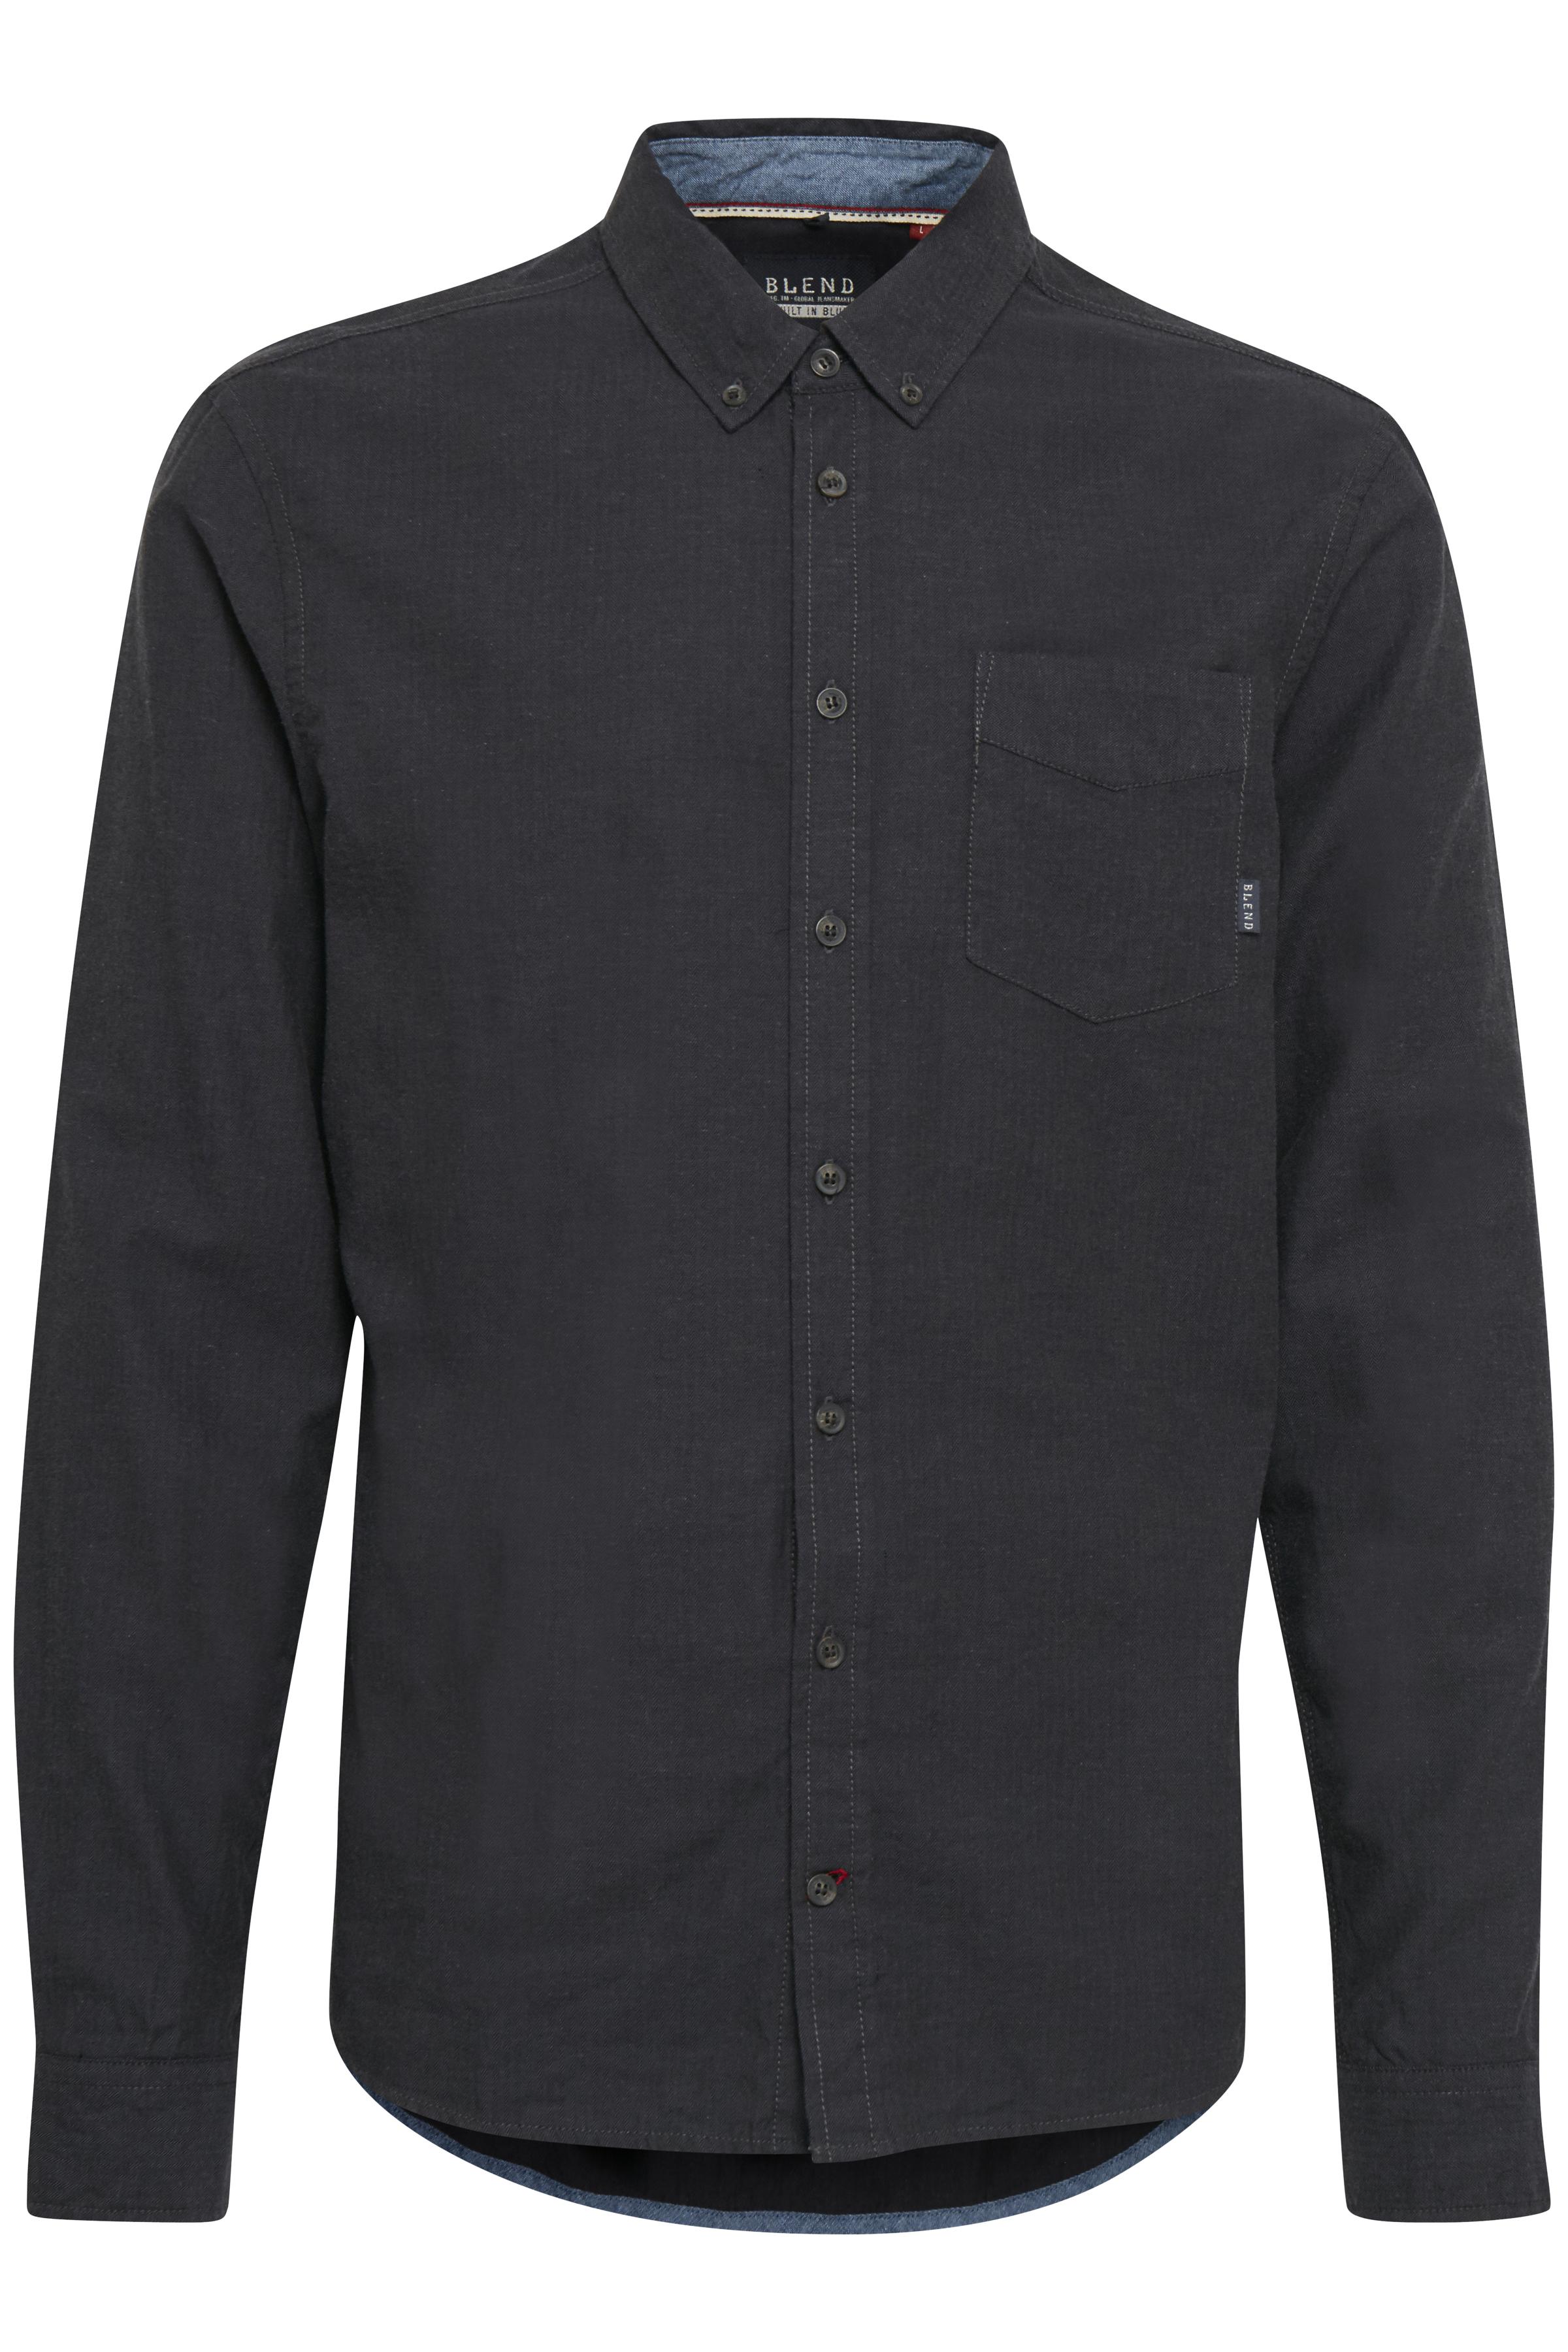 Phantom grey Langærmet skjorte – Køb Phantom grey Langærmet skjorte fra str. S-XXL her